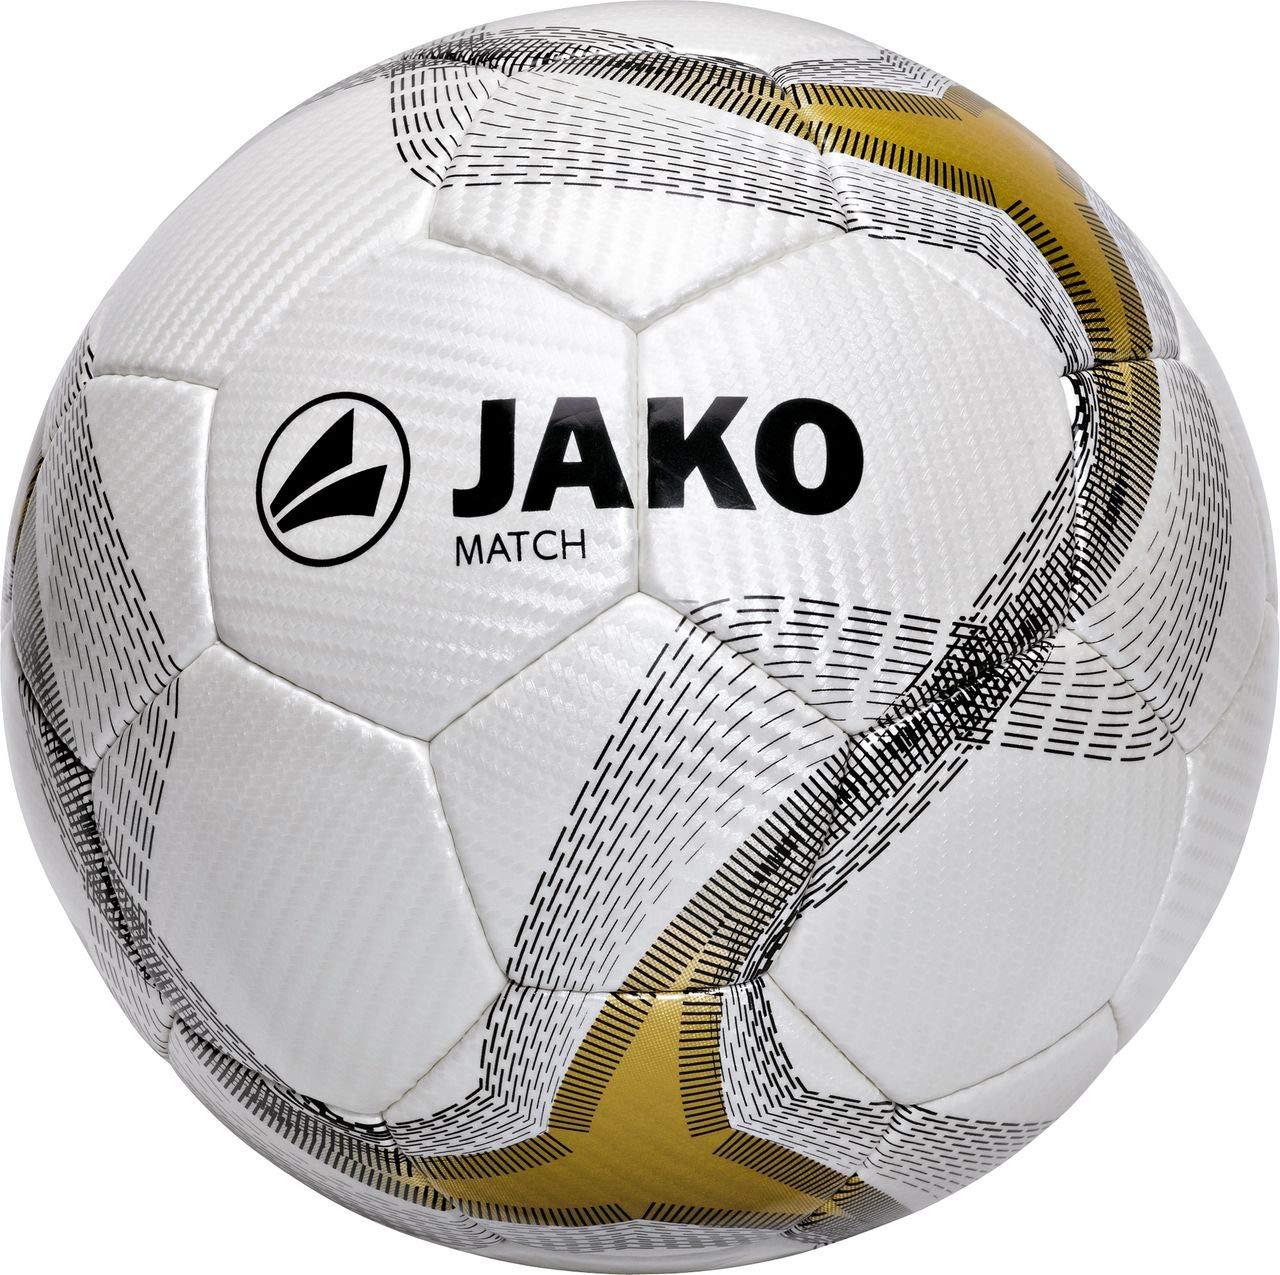 Jako Fußball Ball Match - Balón de fútbol de competición, Color ...